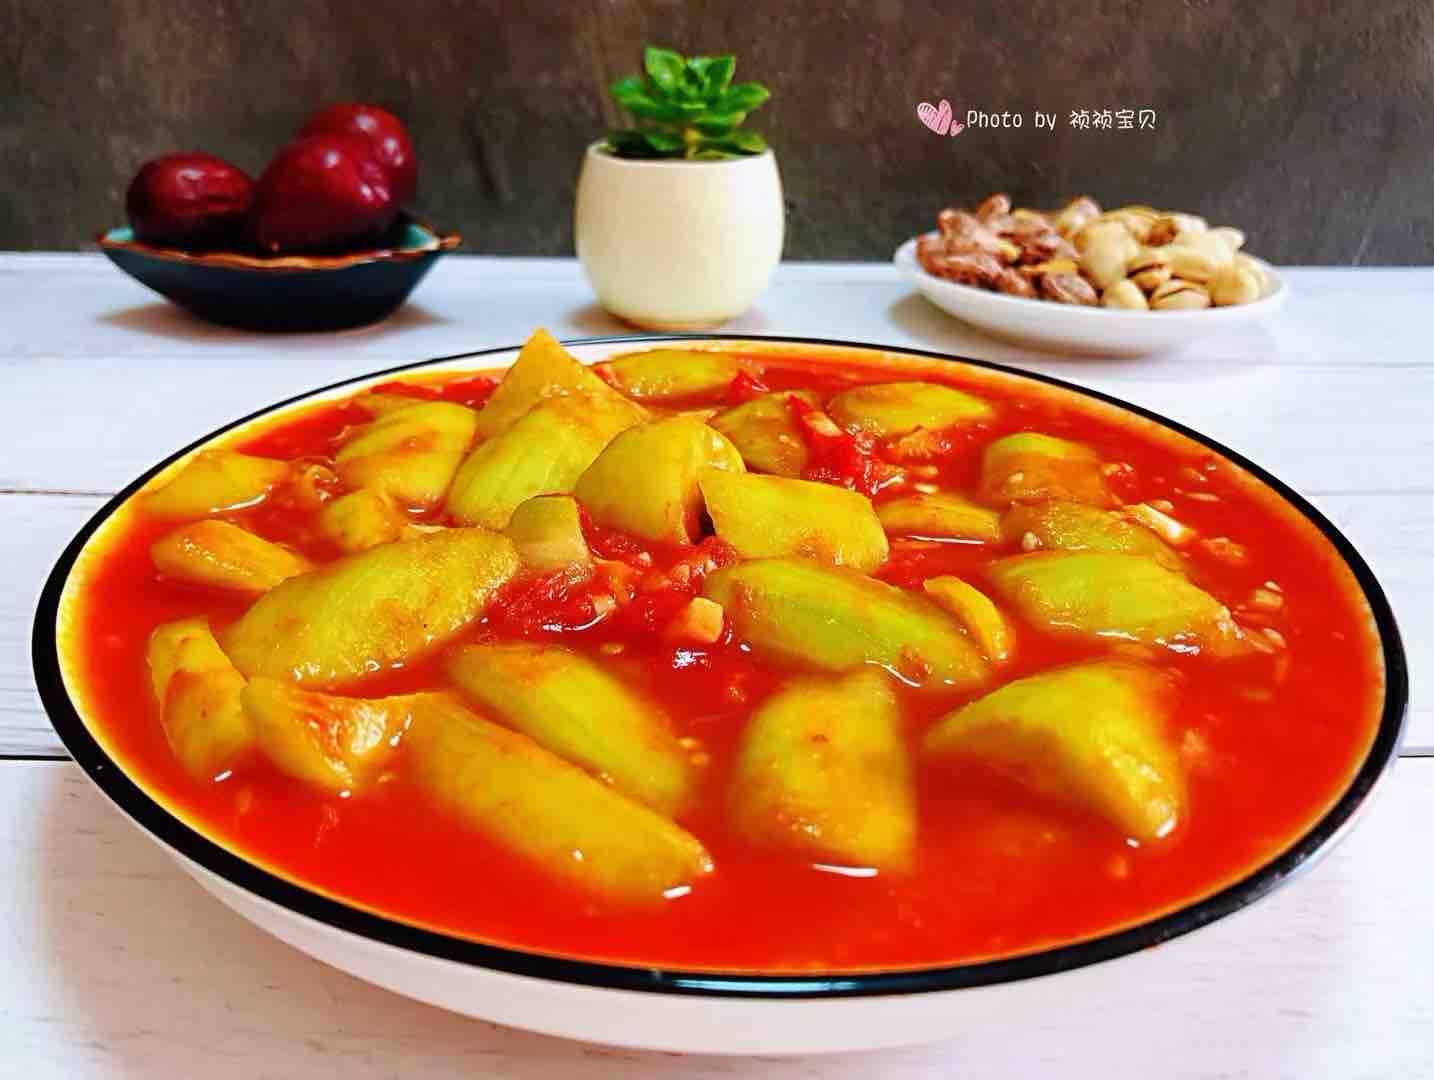 番茄炒丝瓜怎样煮